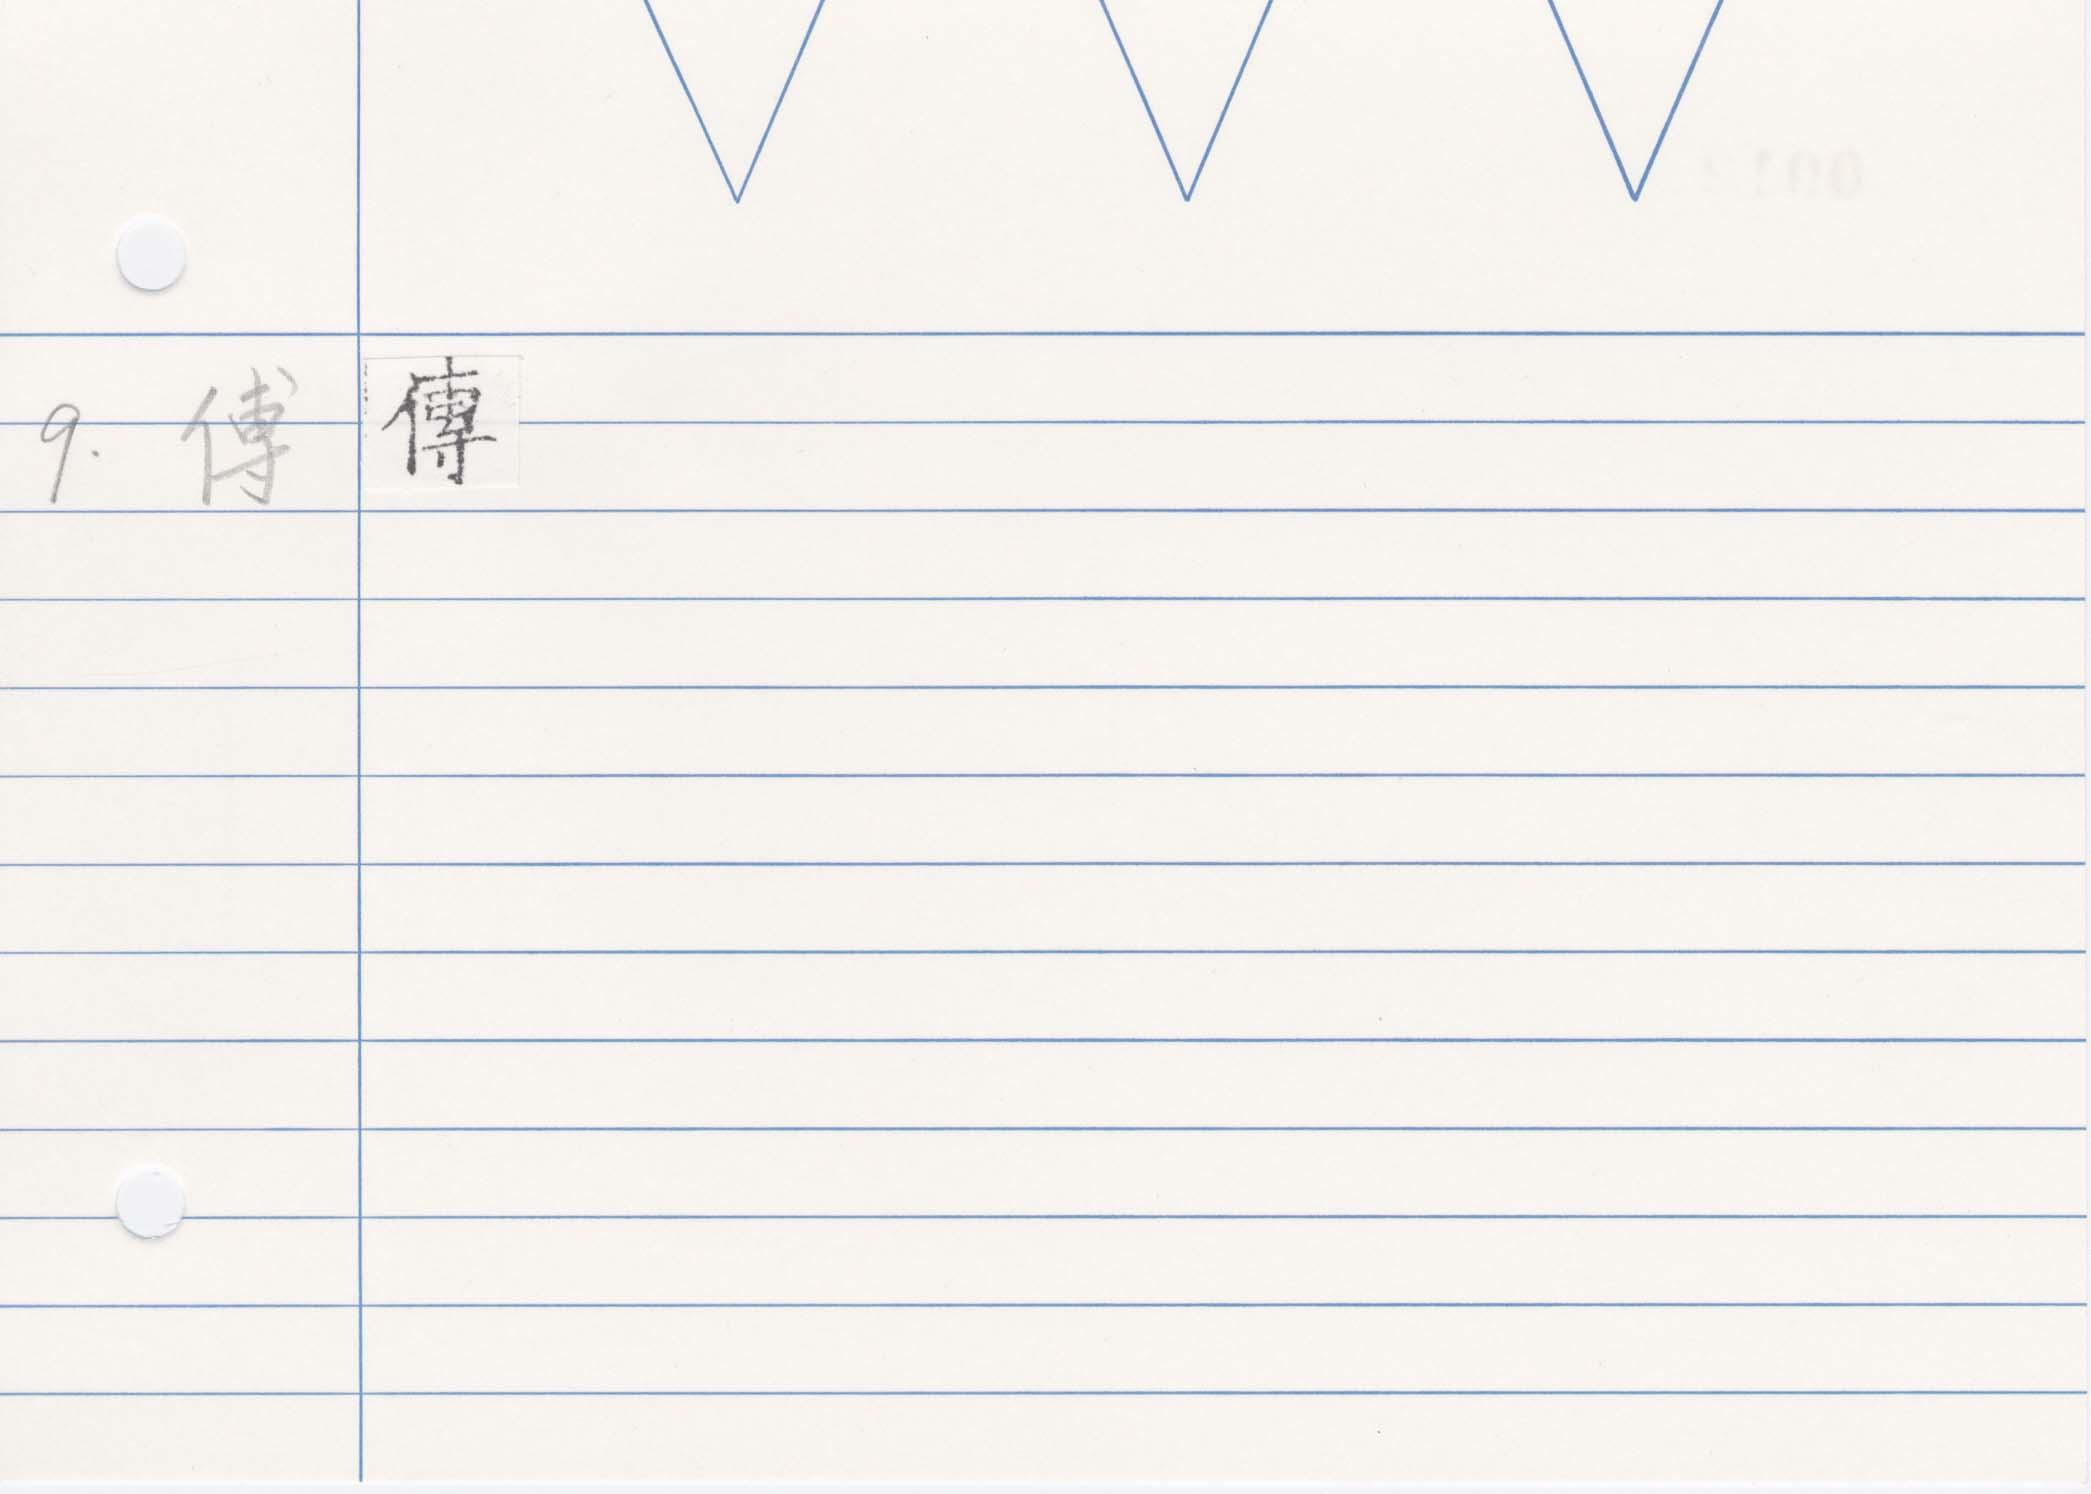 26_齊民要術卷五(高山寺本)/cards/0012.jpg